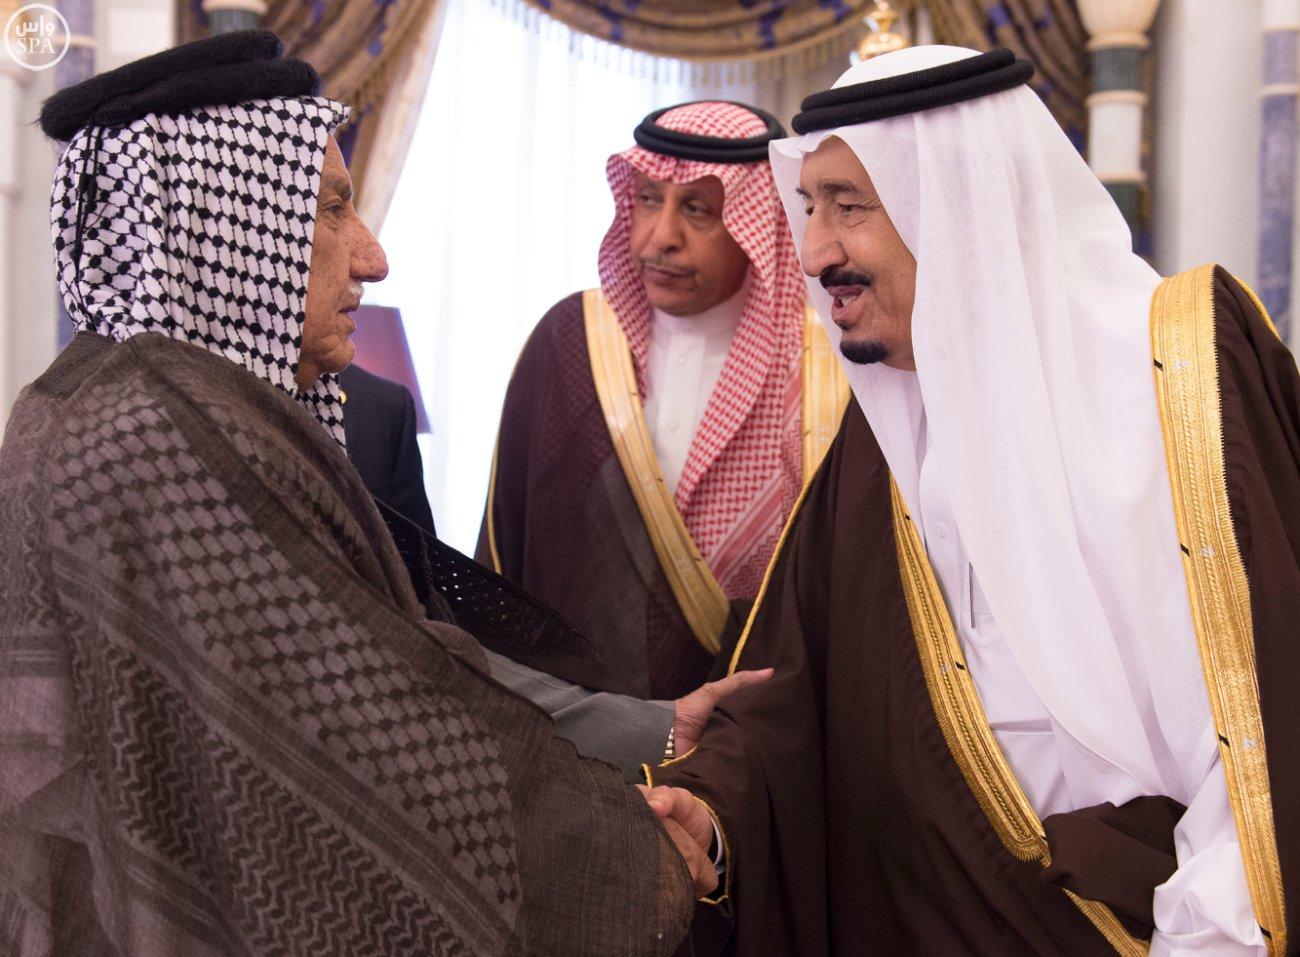 الملك يستقبل رئيسَ البرلمان العراقي الدكتور سليم بن عبدالله الجبوري (3)